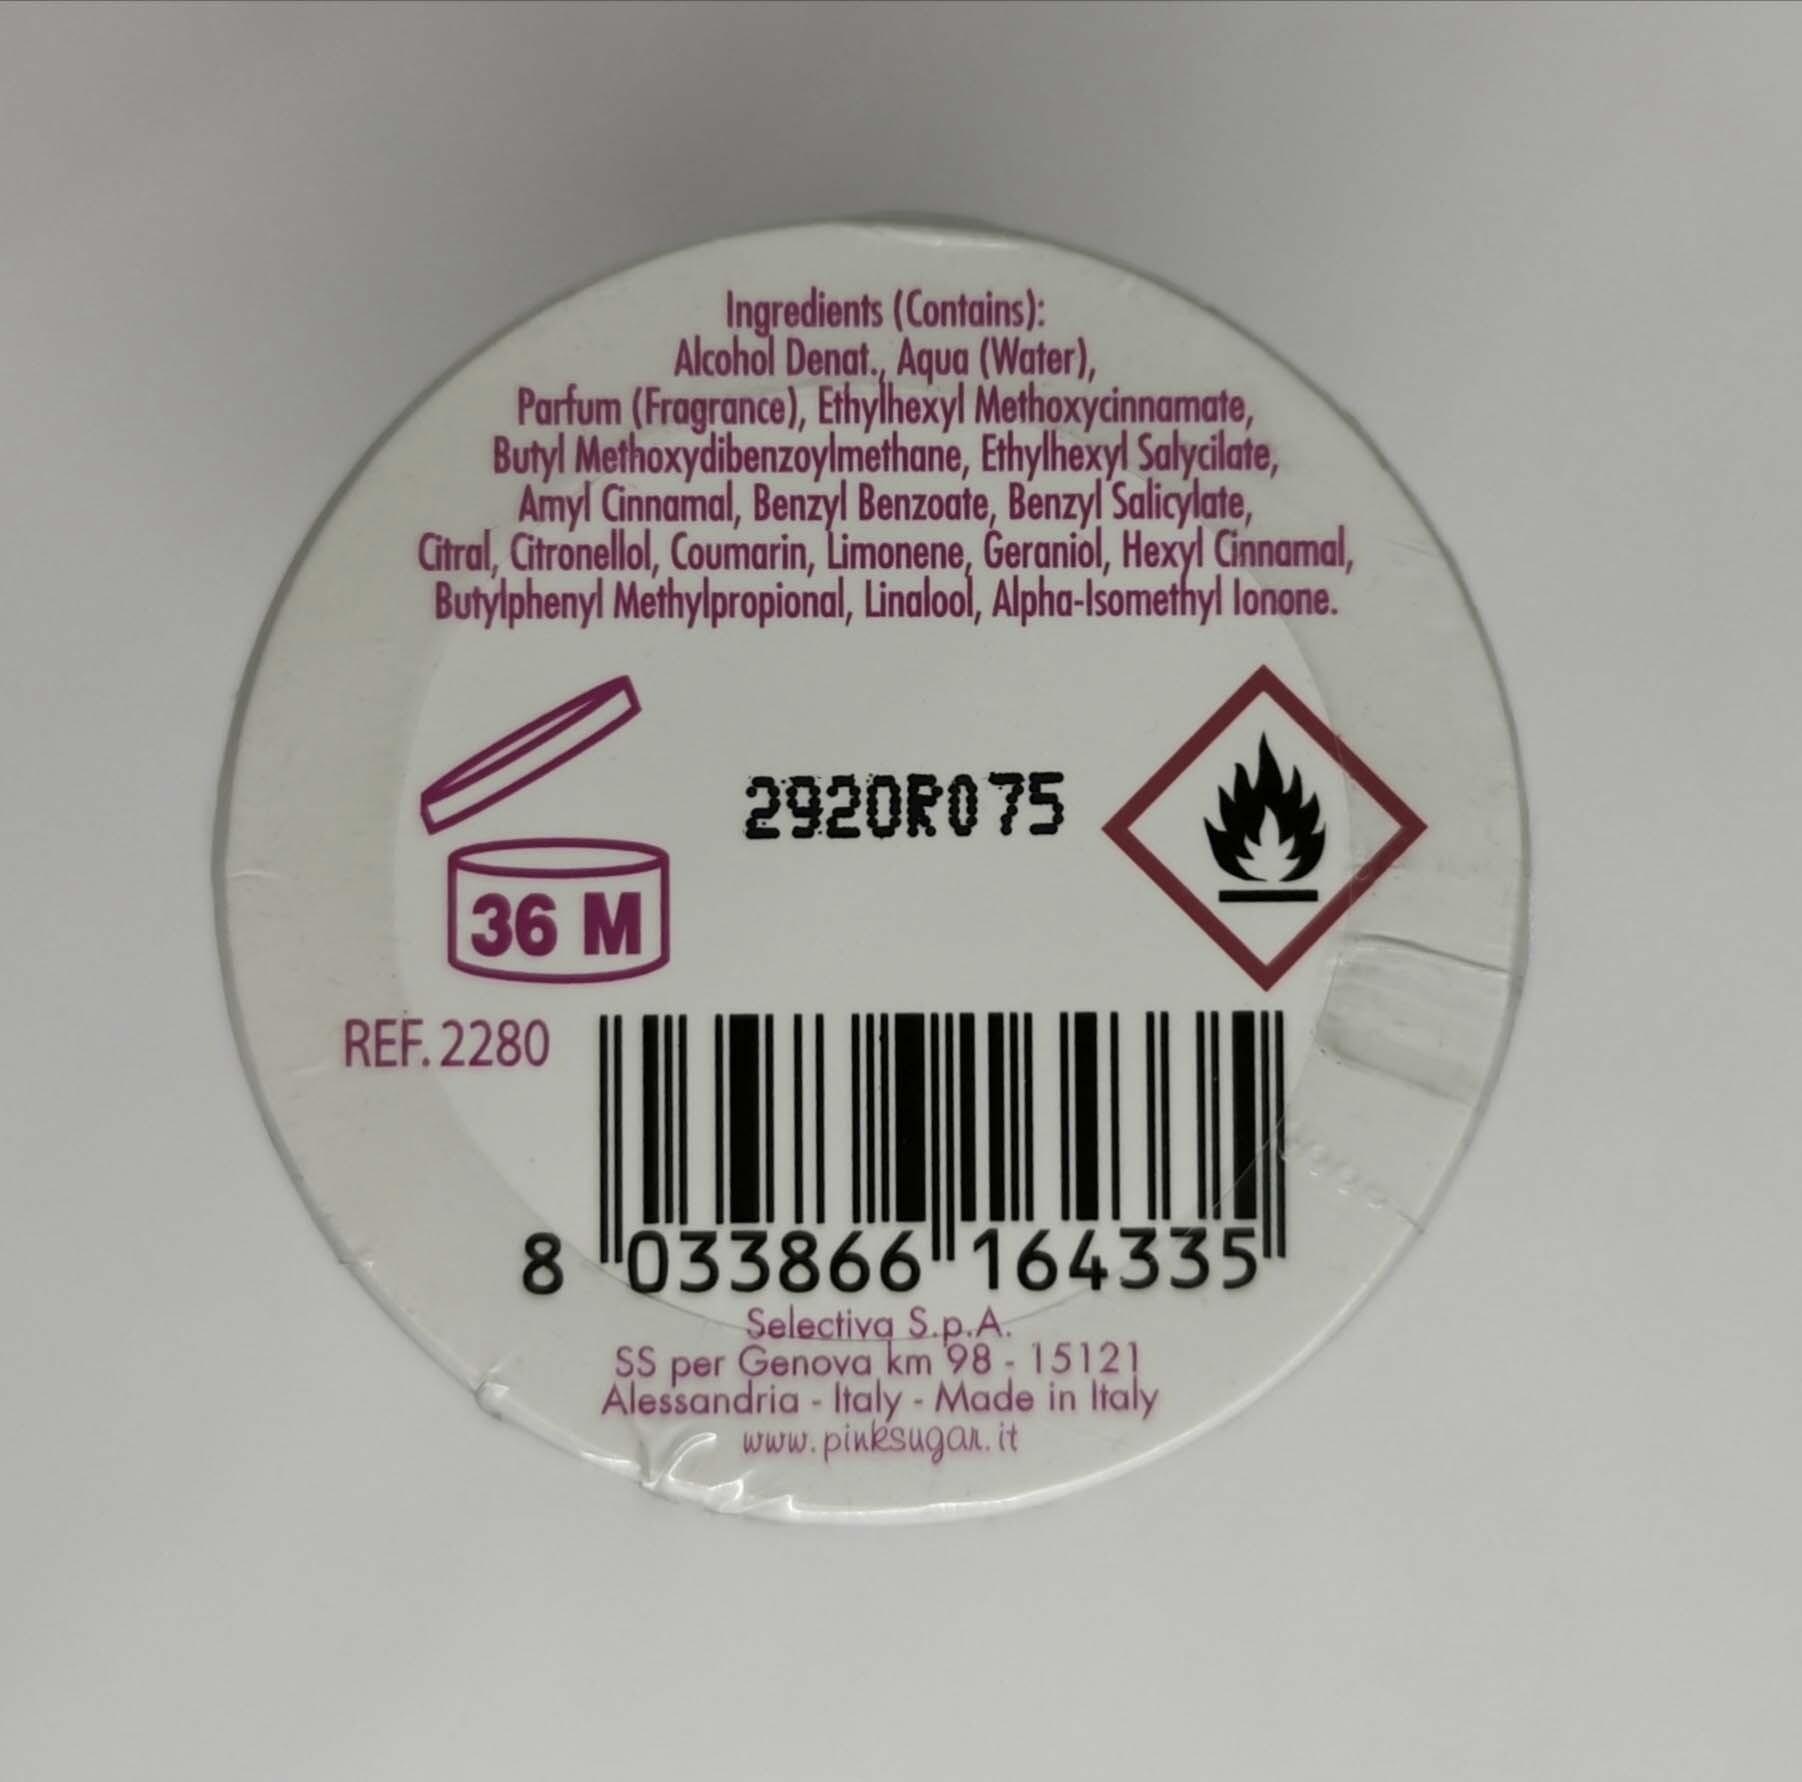 Туалетная вода 100 мл Aquolina Pink Sugar - фото штрих-кода и батч-кода на коробке